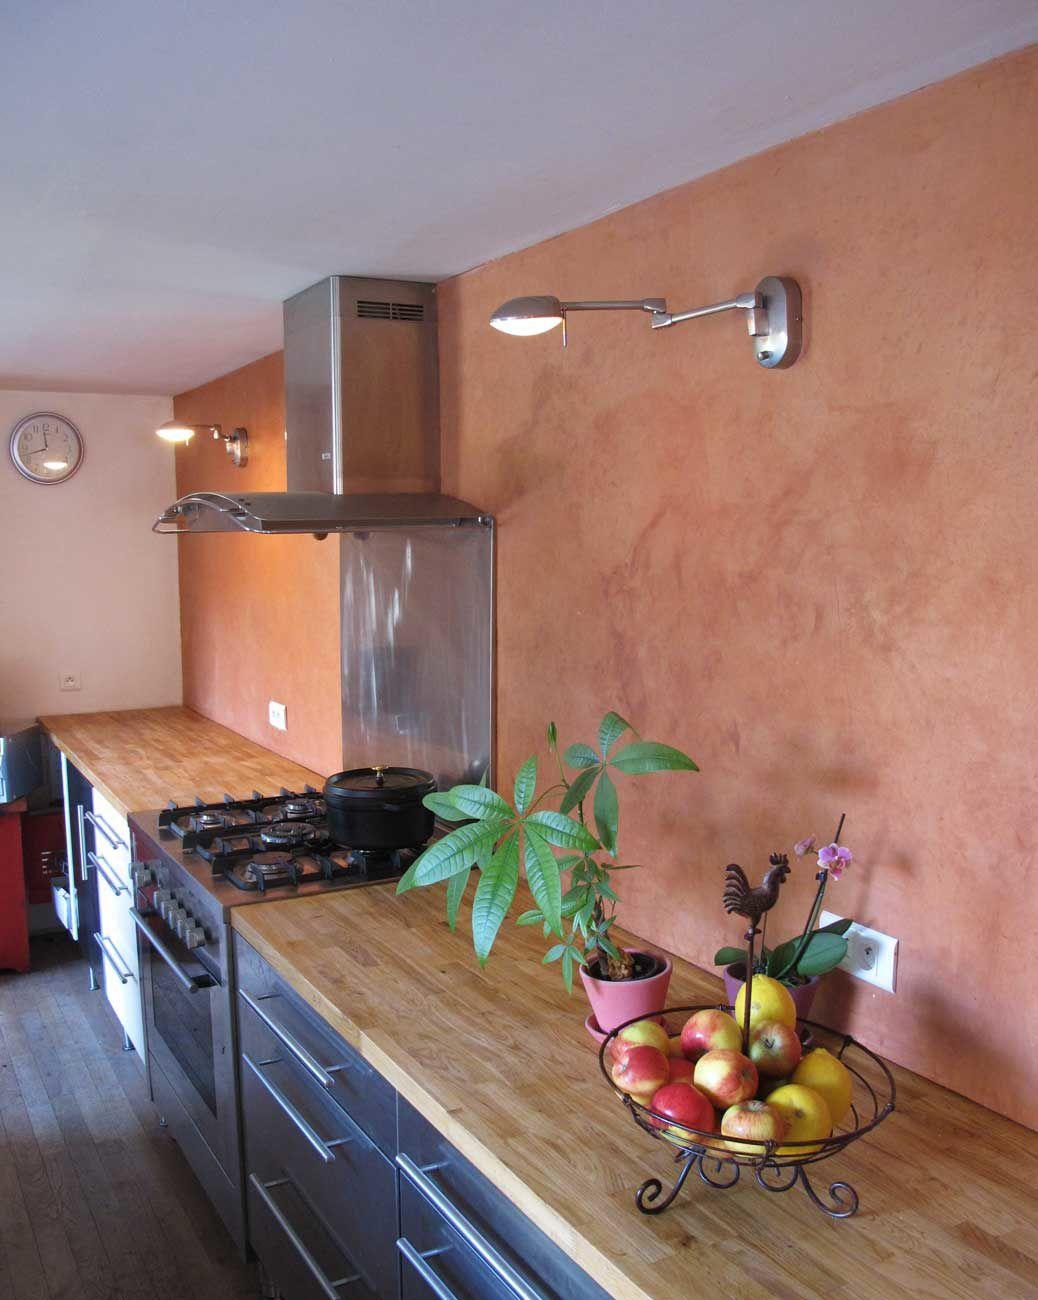 Tadelakt cuisine latest plan pour poser vasque salle de for Tadelakt cuisine